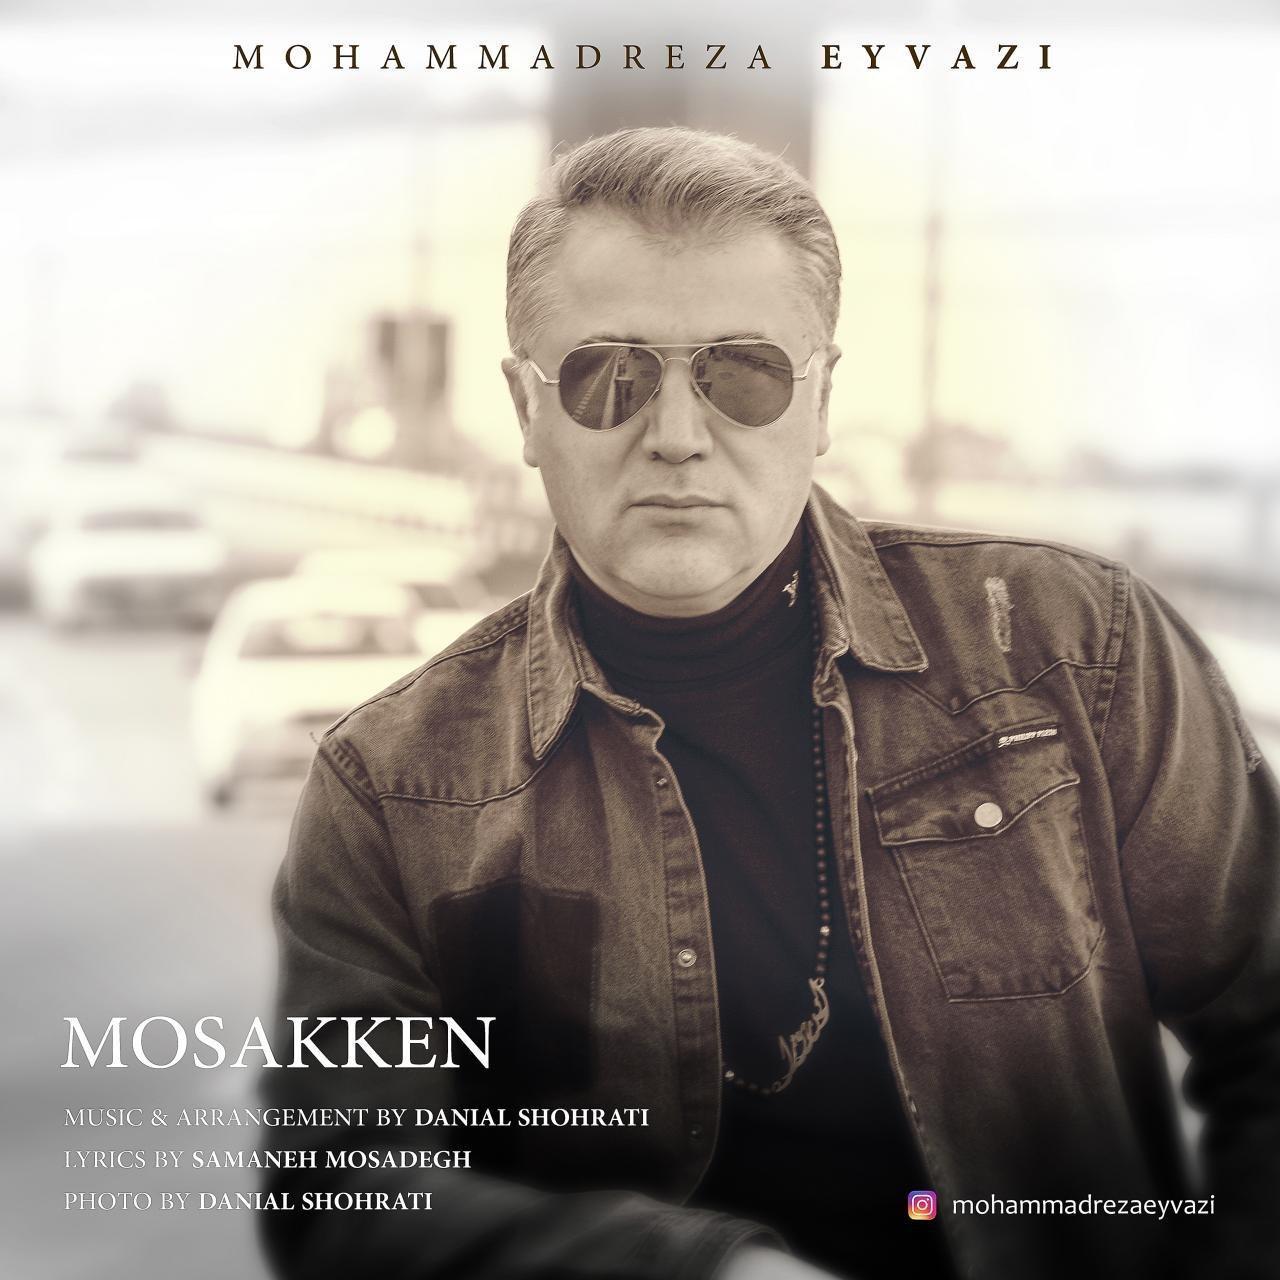 دانلود آهنگ جدید محمدرضا عیوضیبه نام مسکن